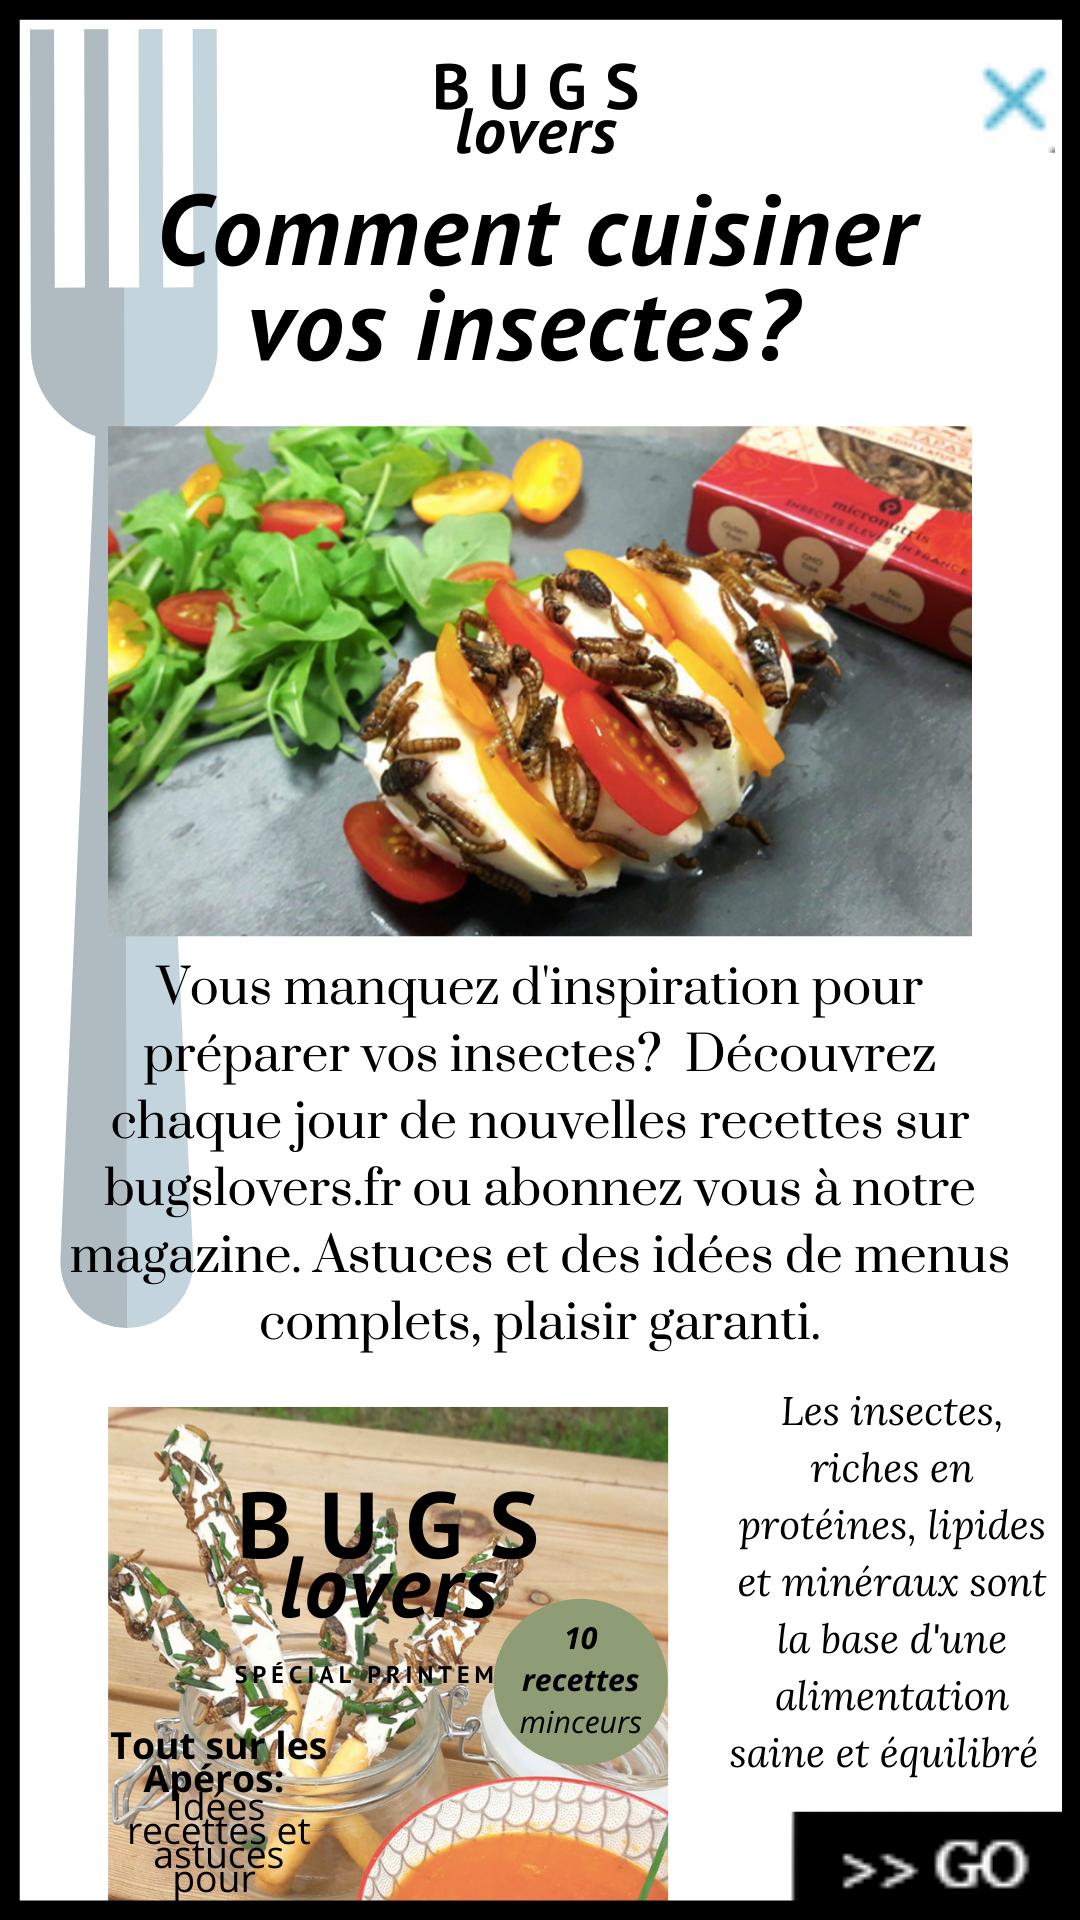 Fausse article journal cuisiner insecte design fiction imaginaire